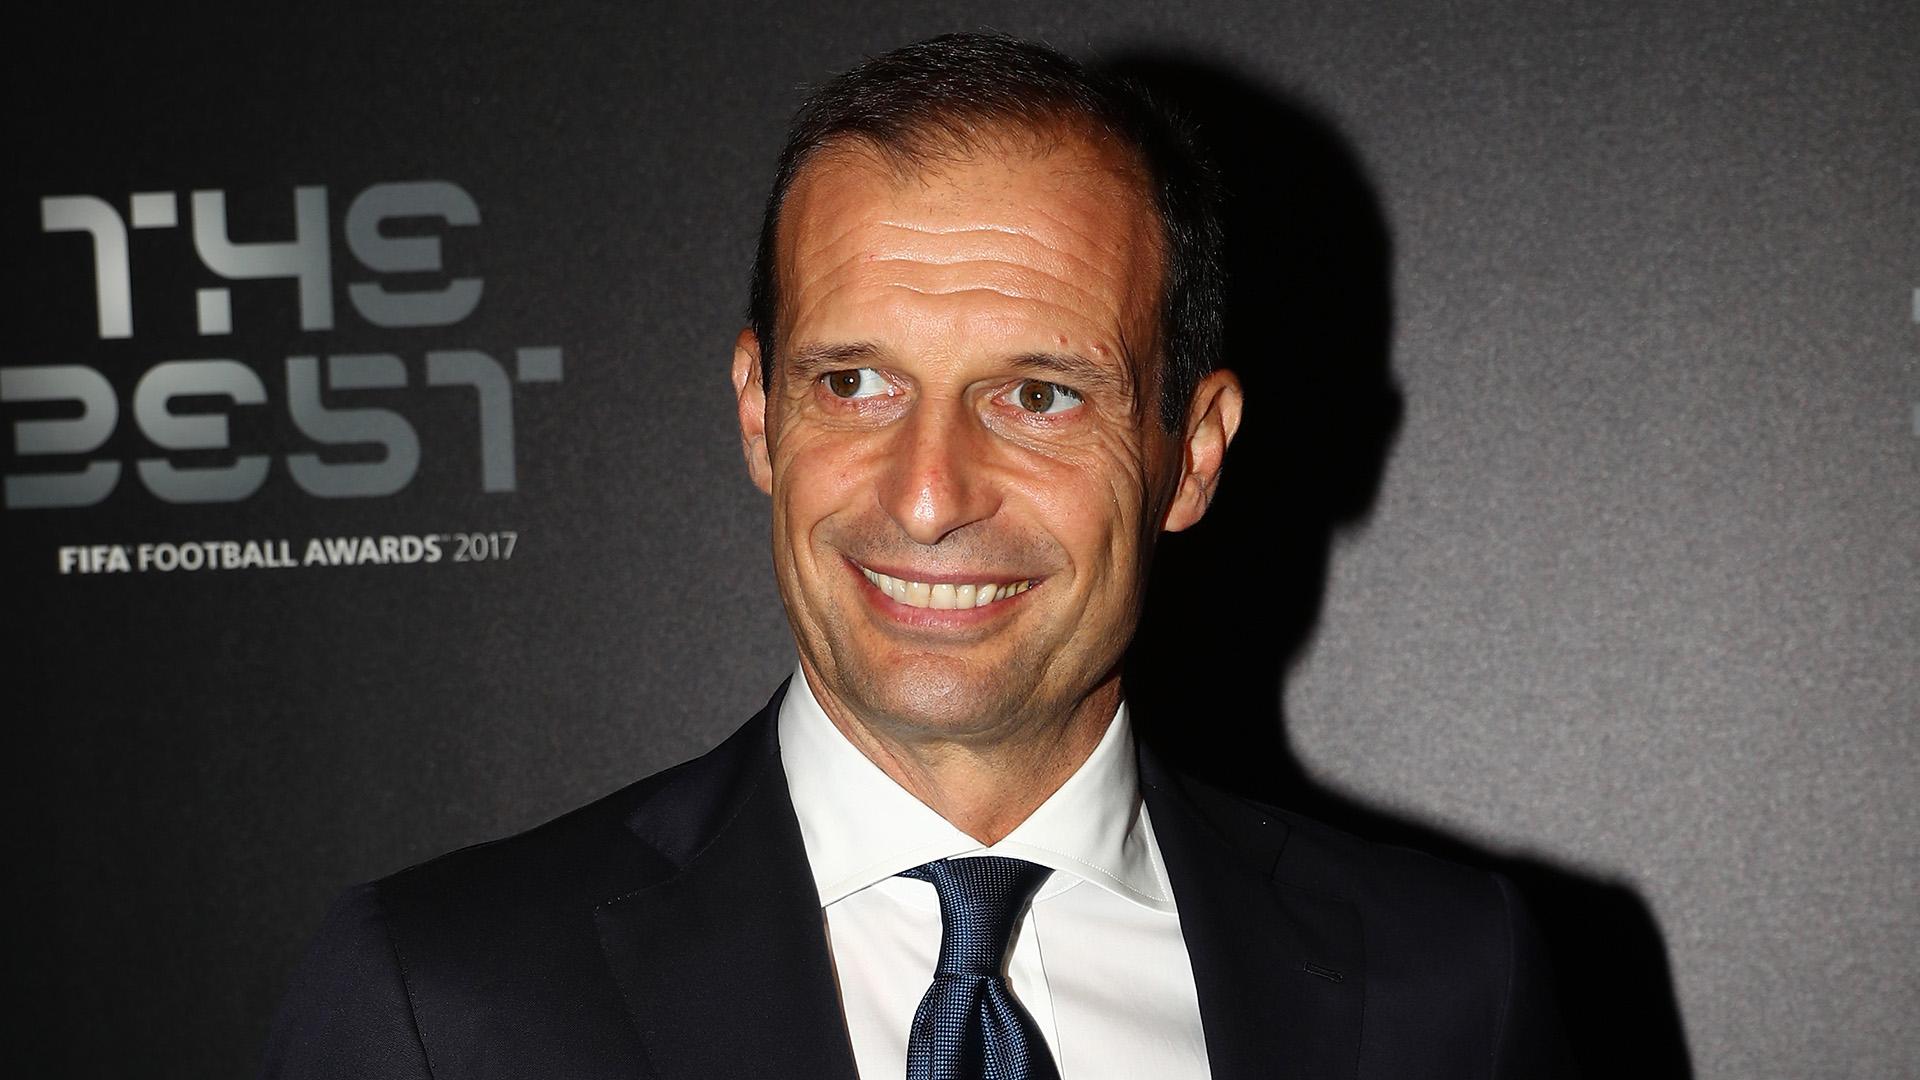 Juventus coach Massimiliano Allegri